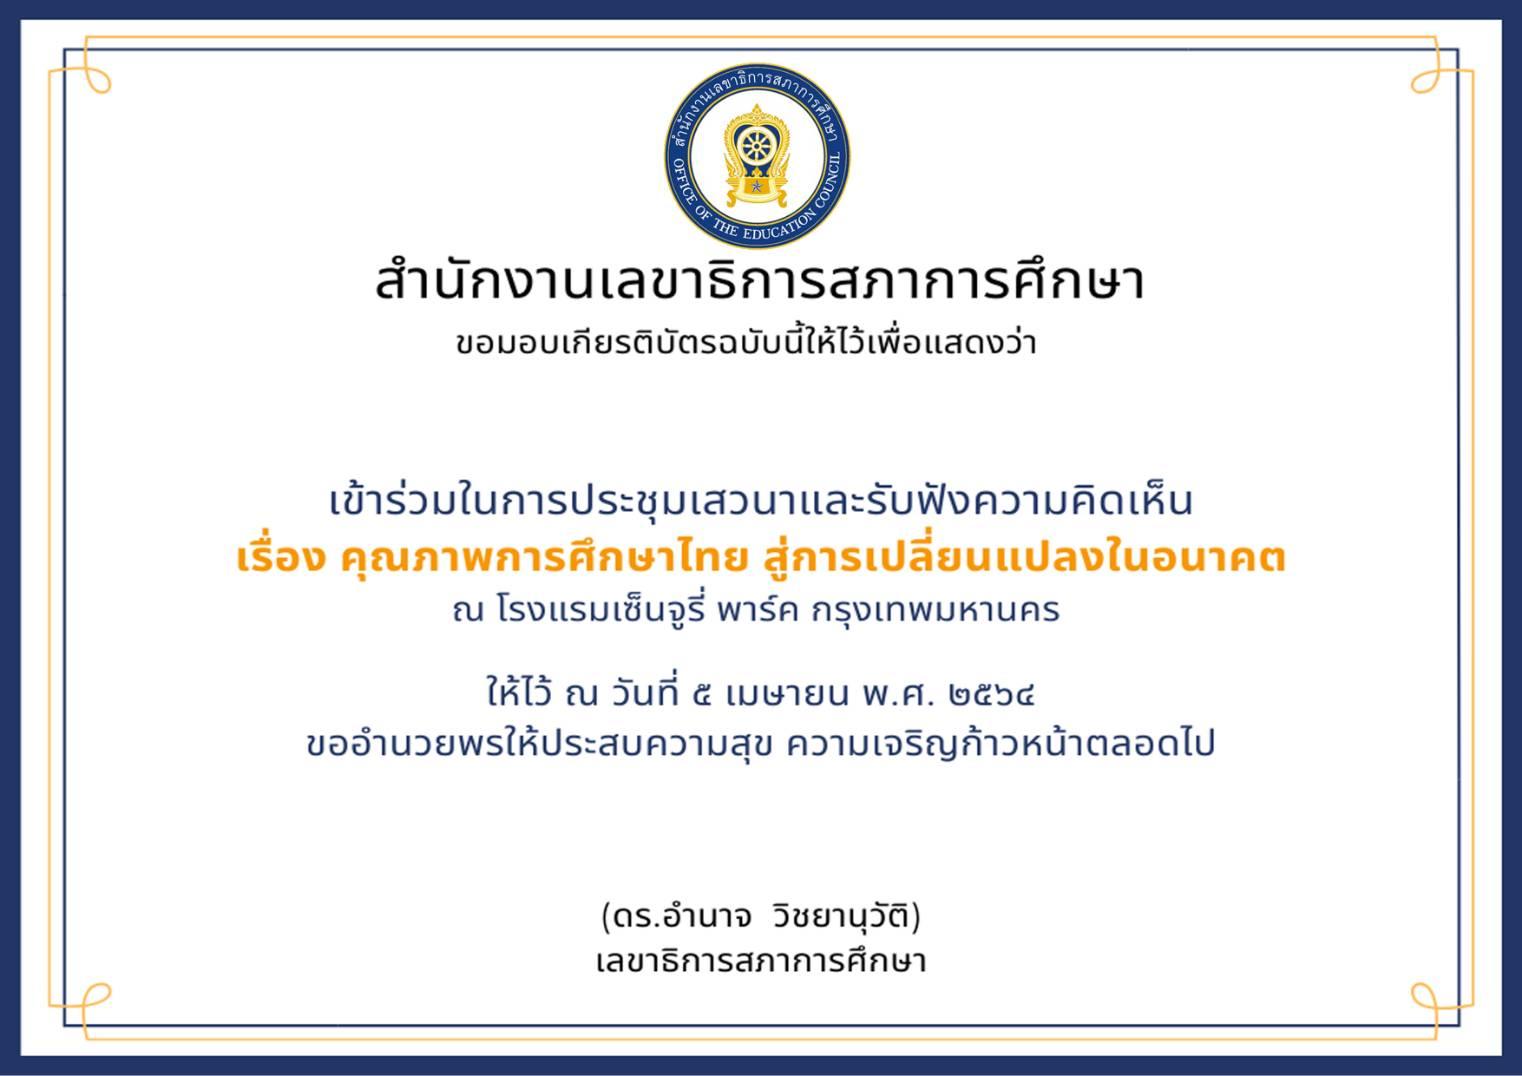 สภาการศึกษา ขอเชิญร่วมงานเสวนาประเด็น คุณภาพการศึกษาไทย สู่การเปลี่ยนแปลงในอนาคต ทำแบบประเมินรับเกียรติบัตรฟรี!! ในวันจันทร์ ที่ 5 เมษายน 2564